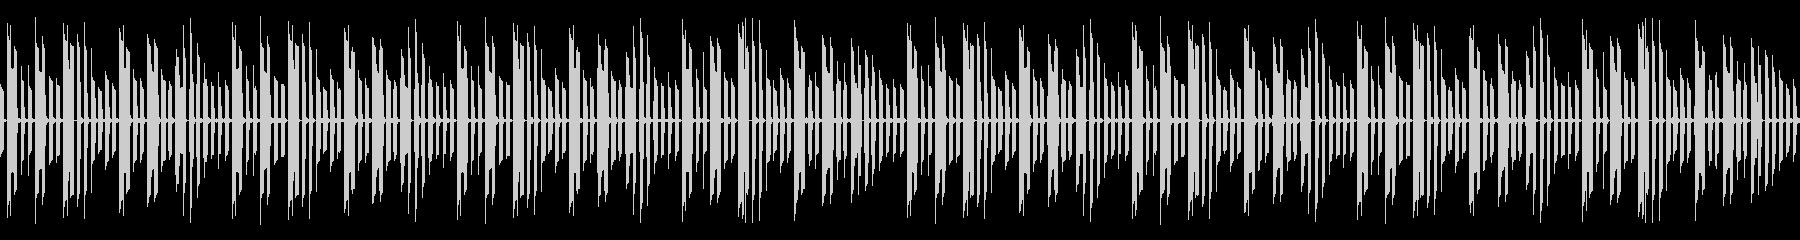 【ループ】ファミコン・ほのぼの・かわいいの未再生の波形